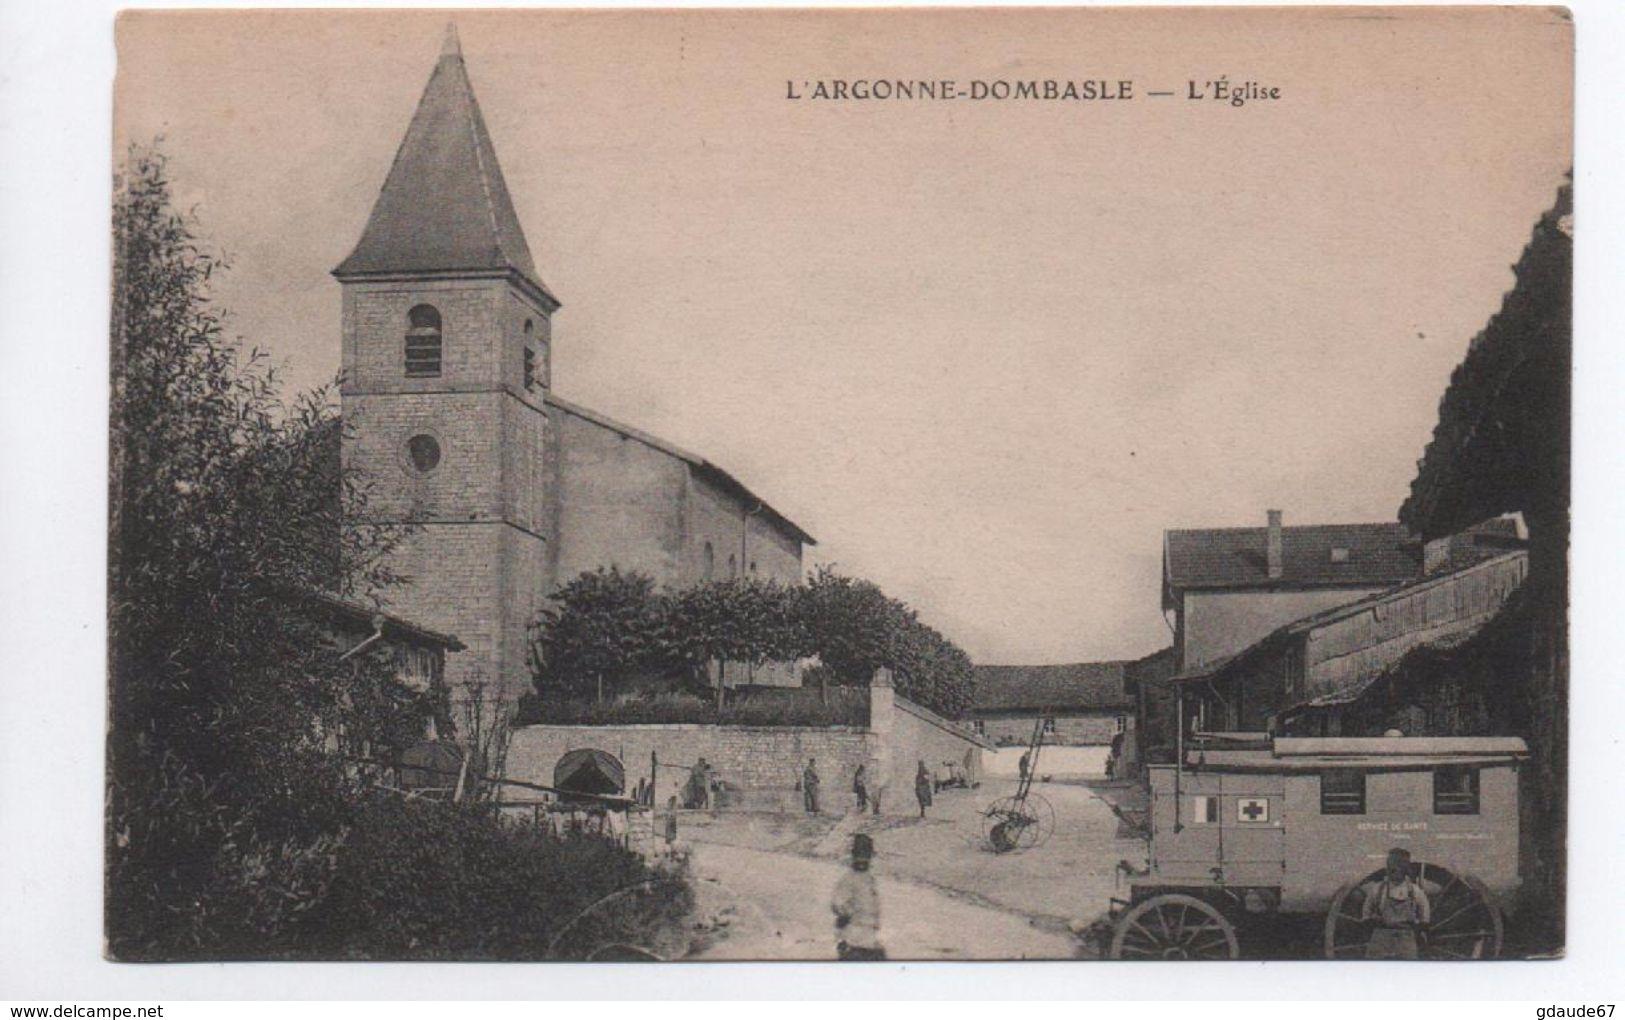 L'ARGONNE DOMBASLE (51) - L'EGLISE - VOITURE CROIX ROUGE / SERVICE DE SANTE WW1 - France